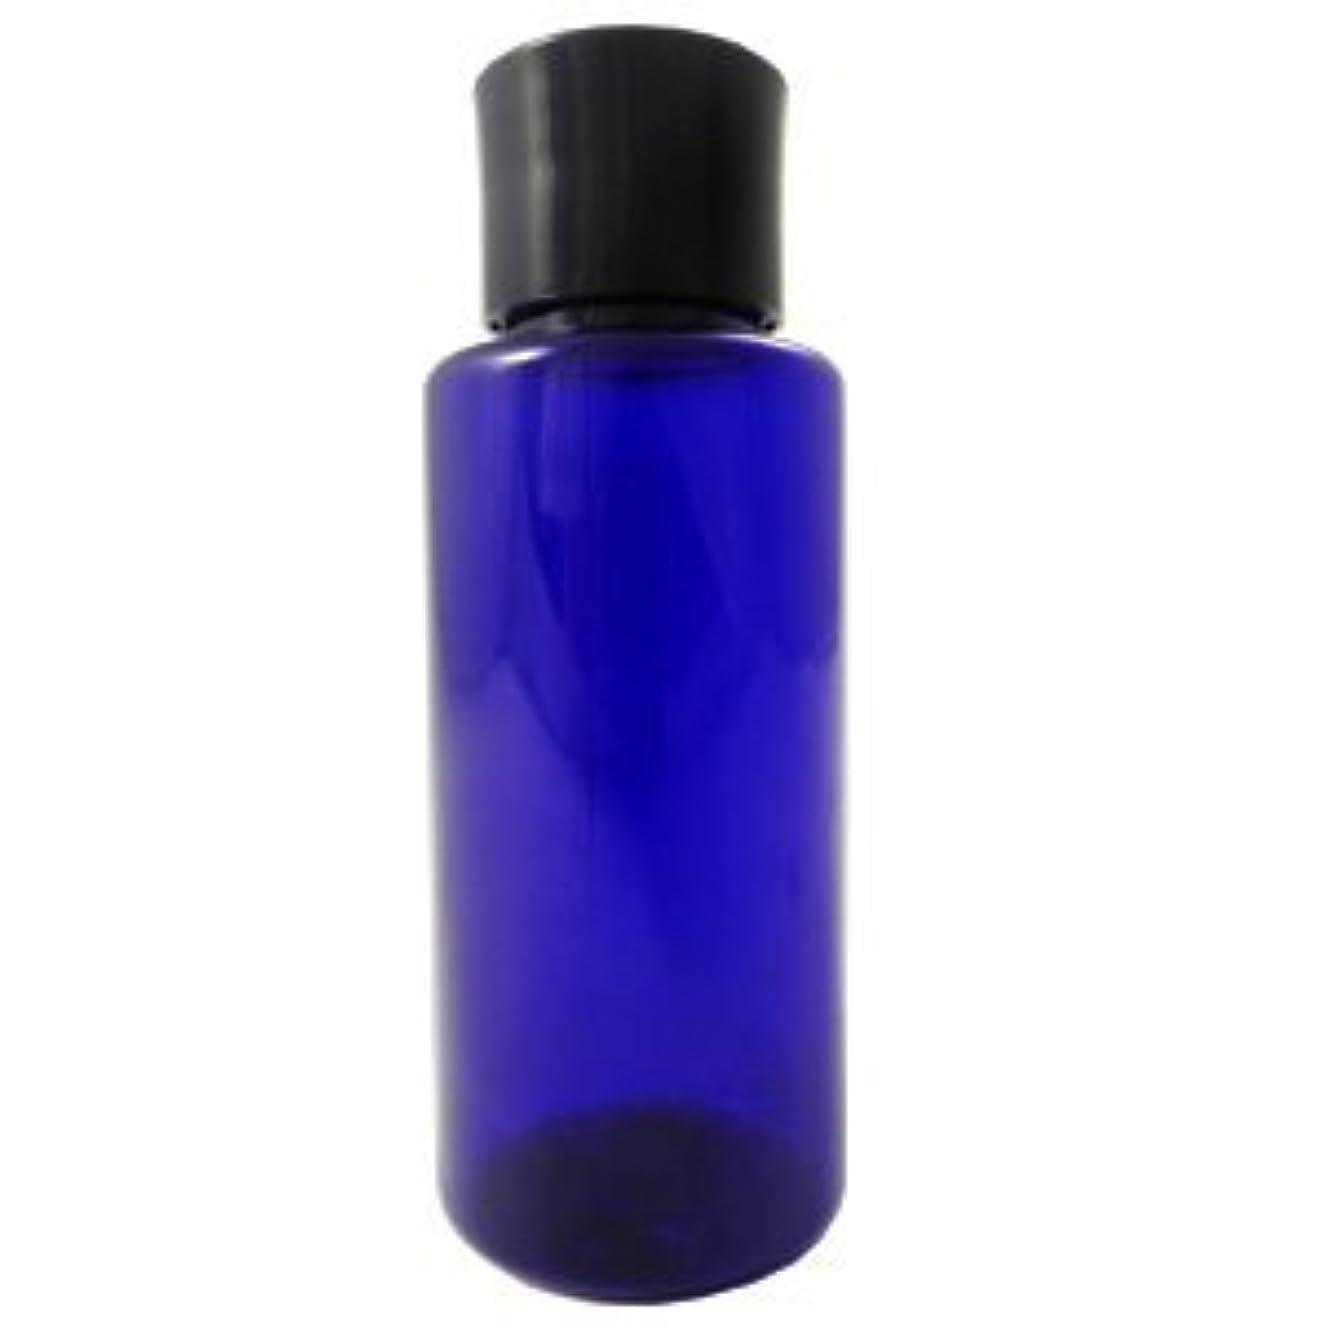 東認知フィルタPETボトル コバルトブルー 青 50ml 化粧水用中栓